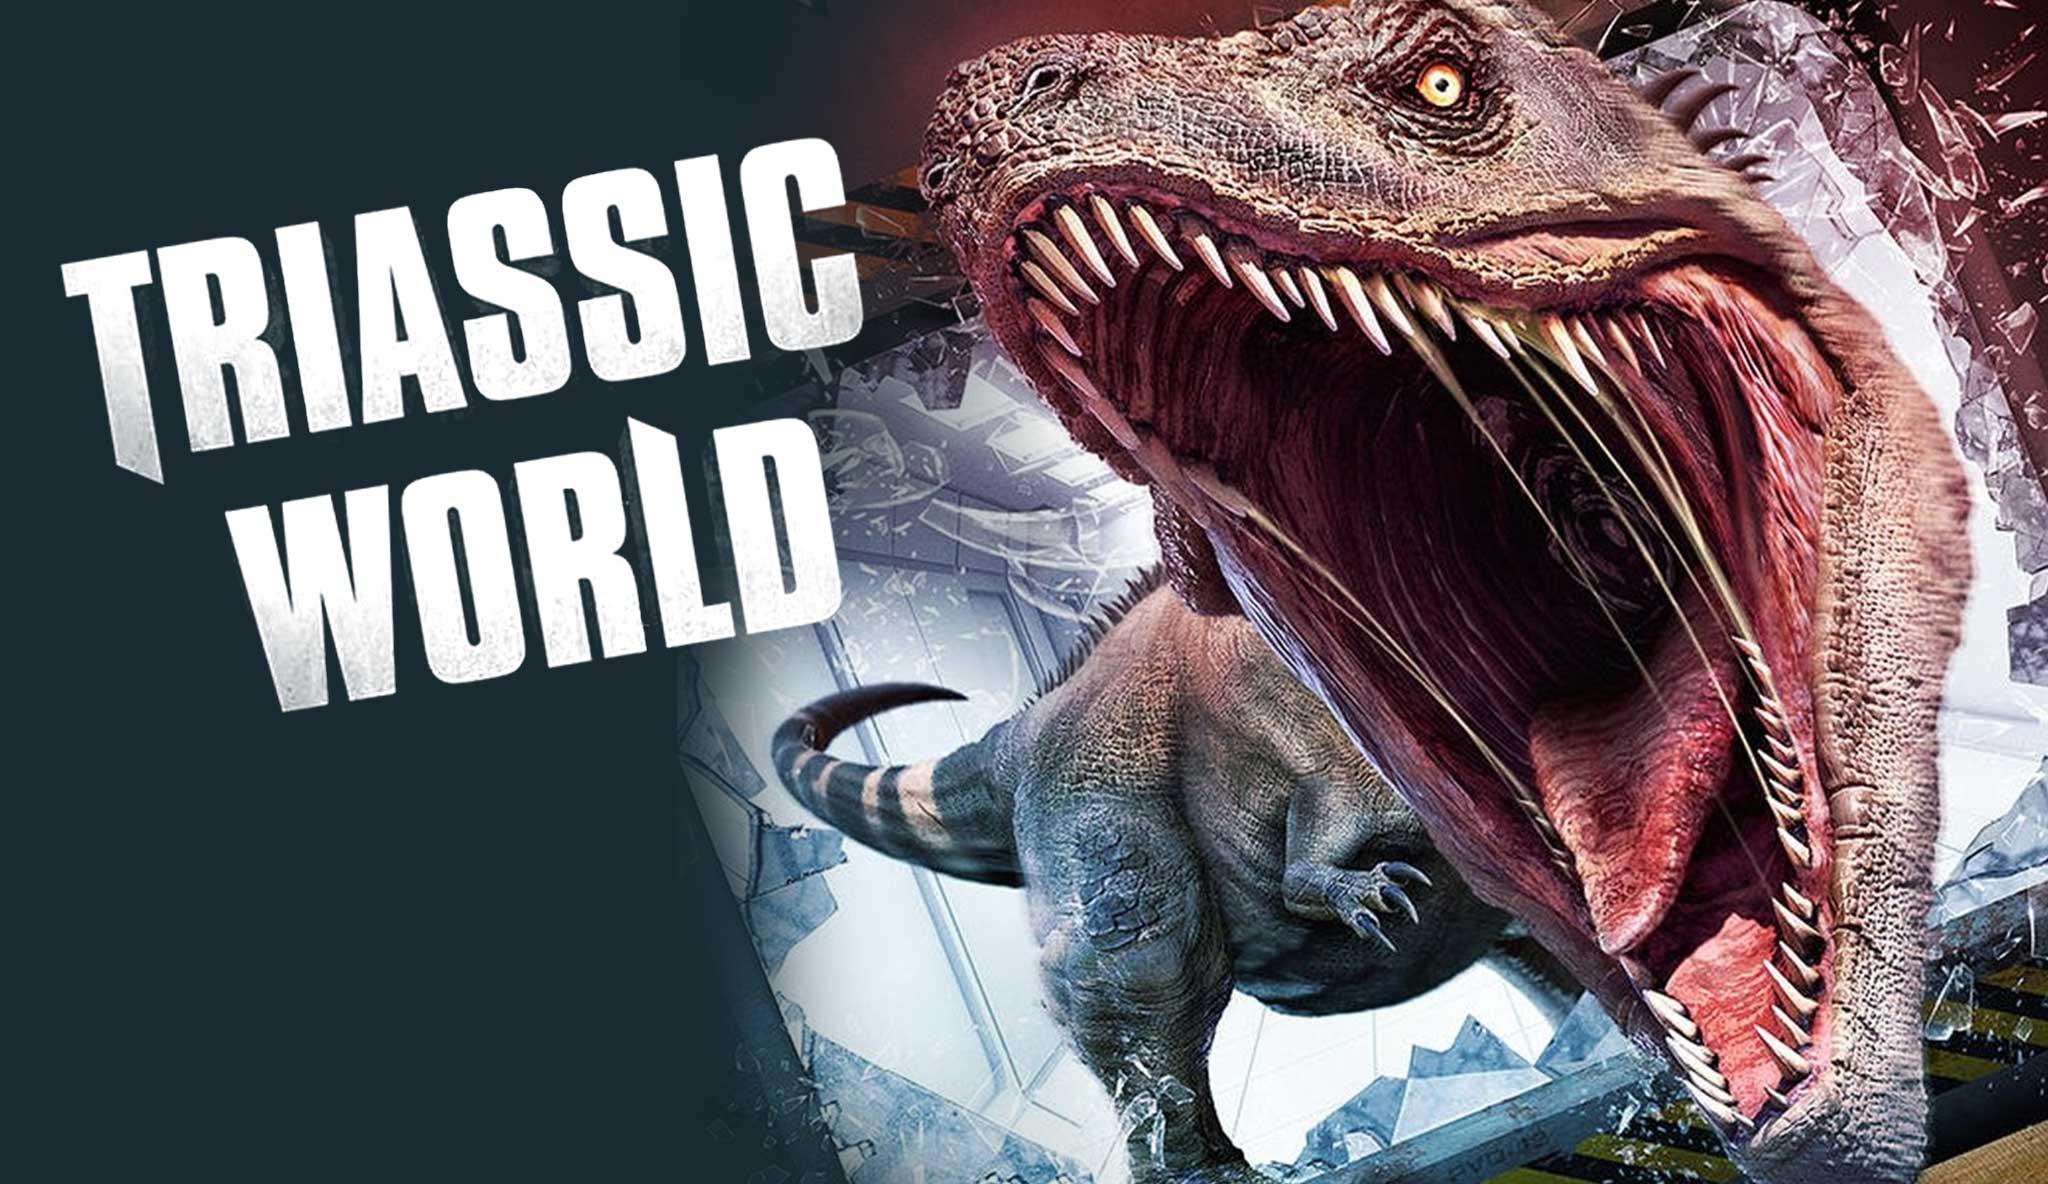 triassic-world-manche-dinge-bleiben-besser-ausgestorben\header.jpg